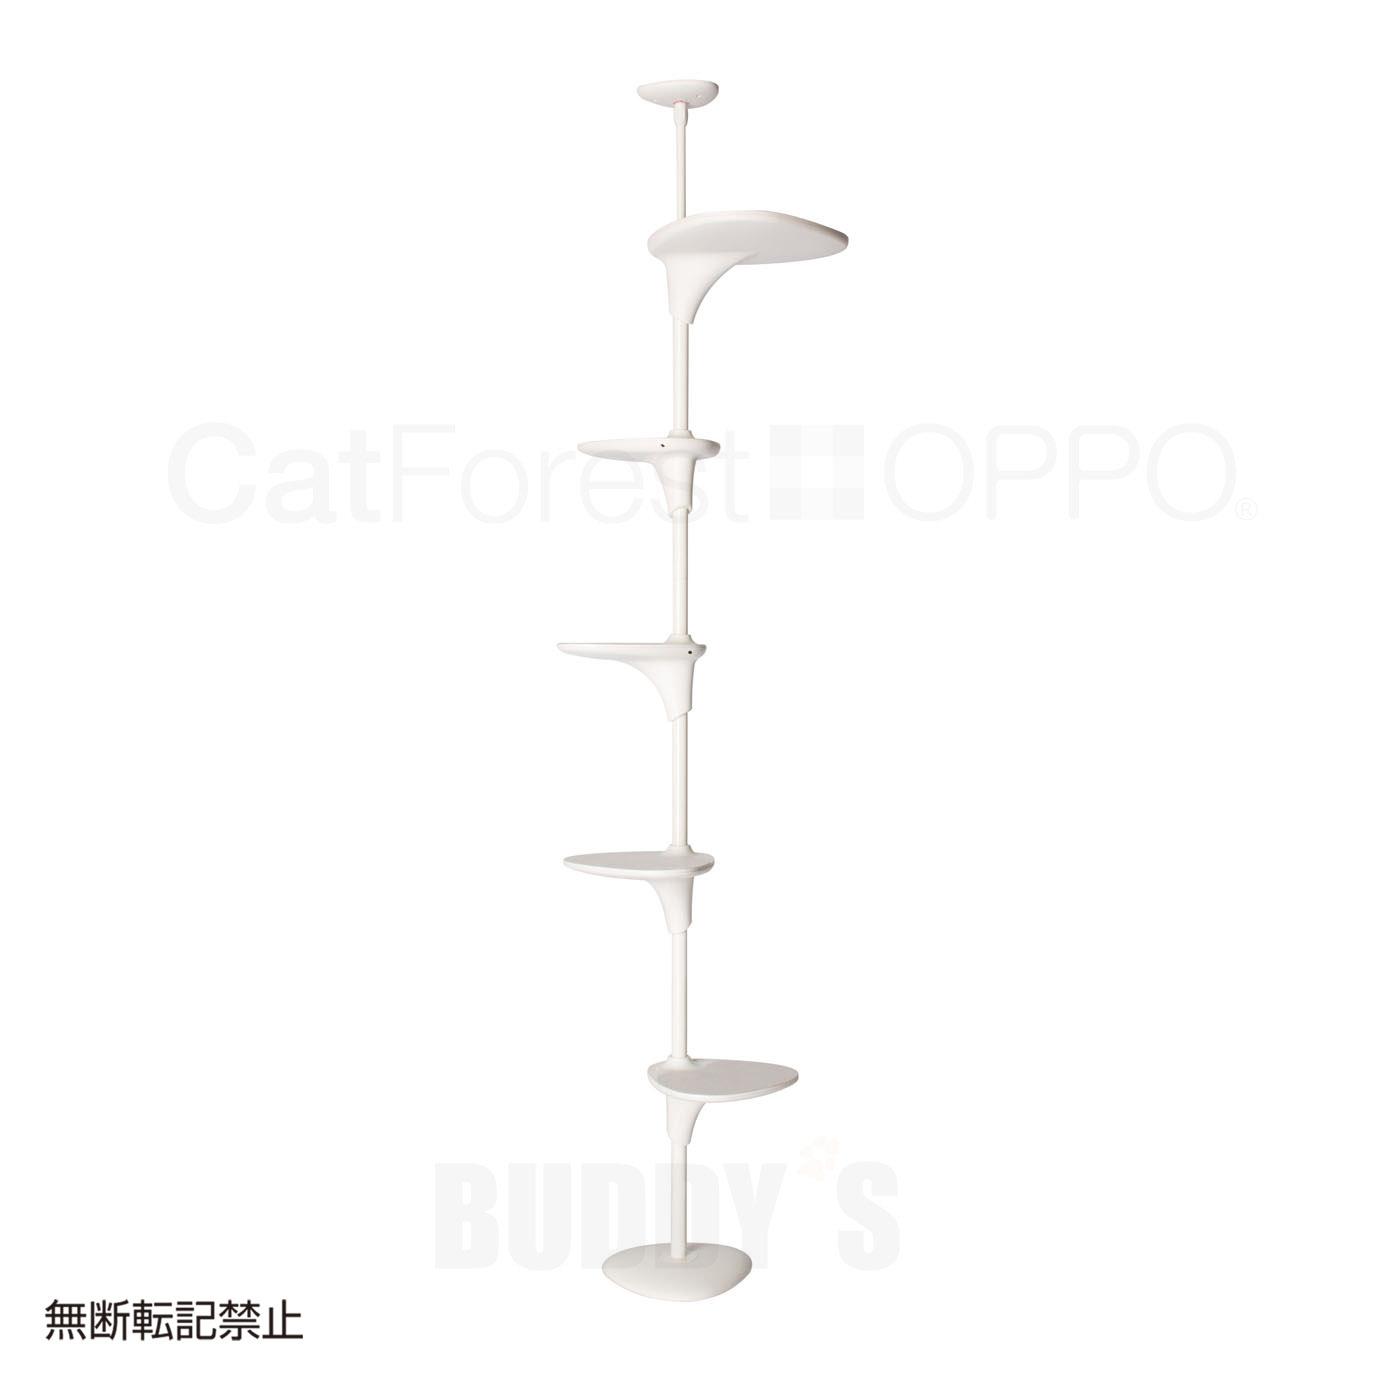 自由自在なキャットタワー♪ [正規品 OPPO(オッポ) CatForest (キャットフォレスト) ホワイト【猫 キャットタワー おしゃれ つっぱり】